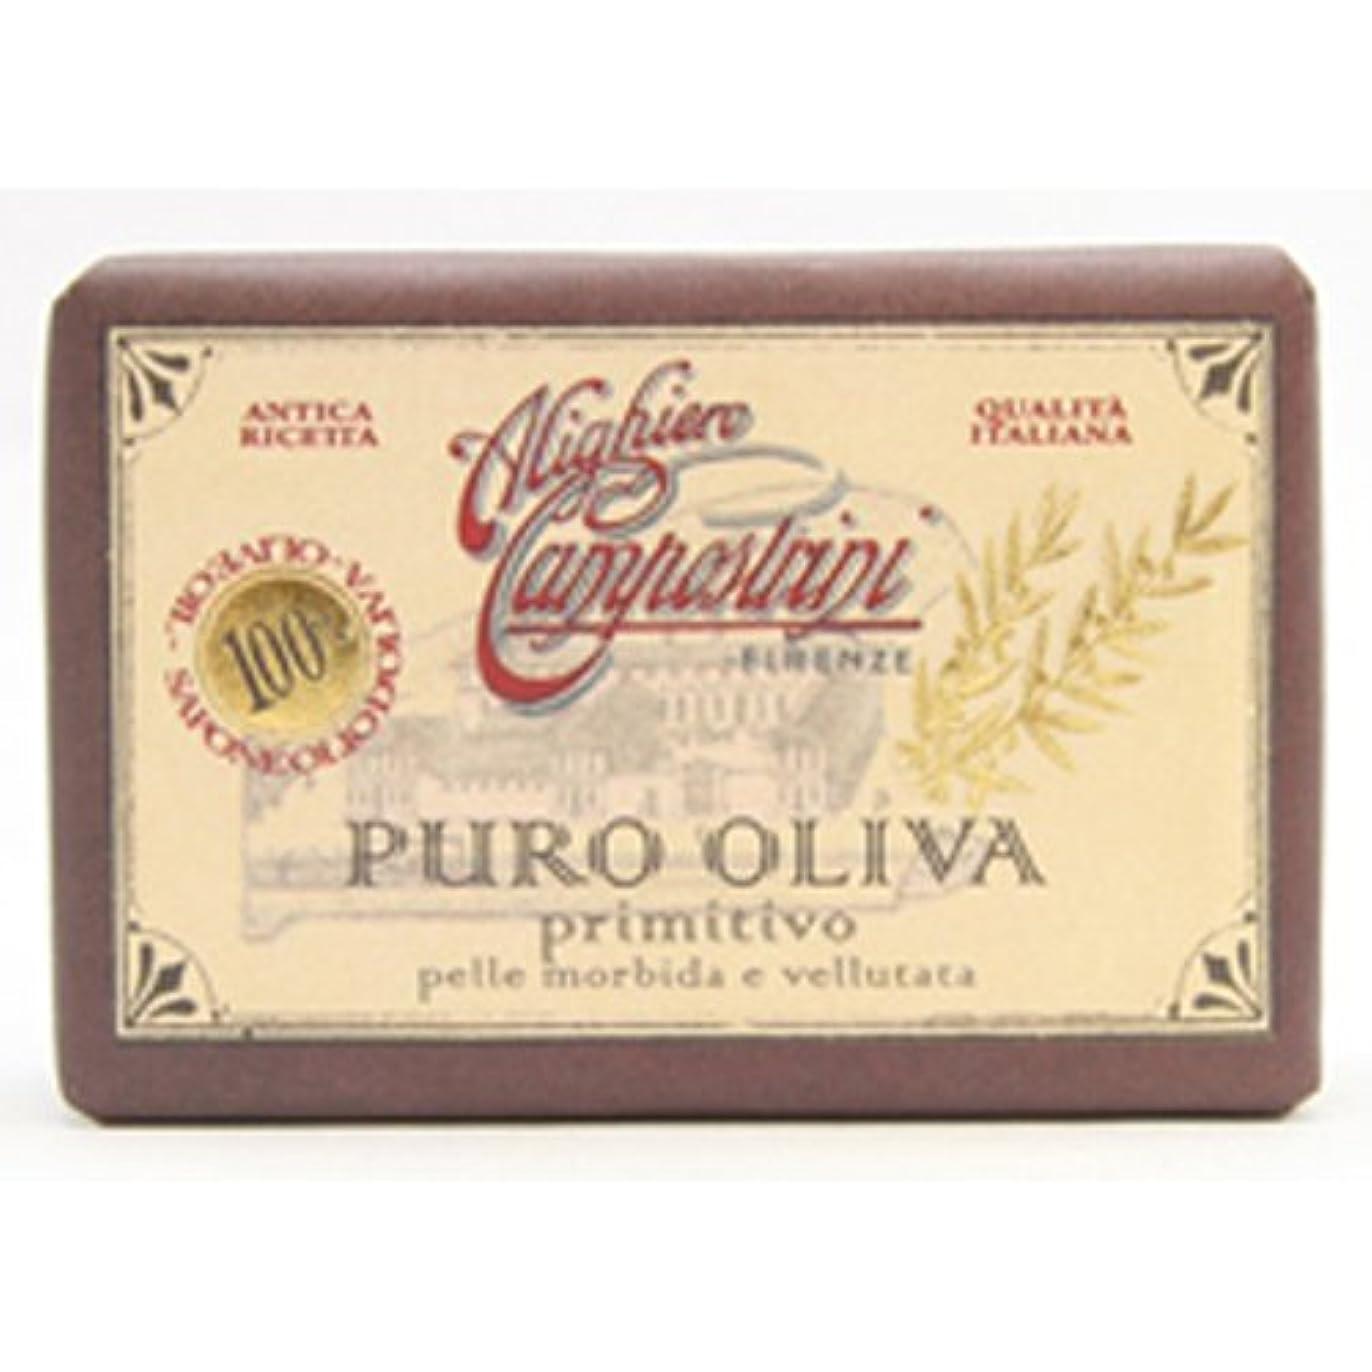 復活する黒暴力Saponerire Fissi サポネリーフィッシー PURO OLIVA Soap オリーブオイル ピュロ ソープ primitivo オリジナル 150g